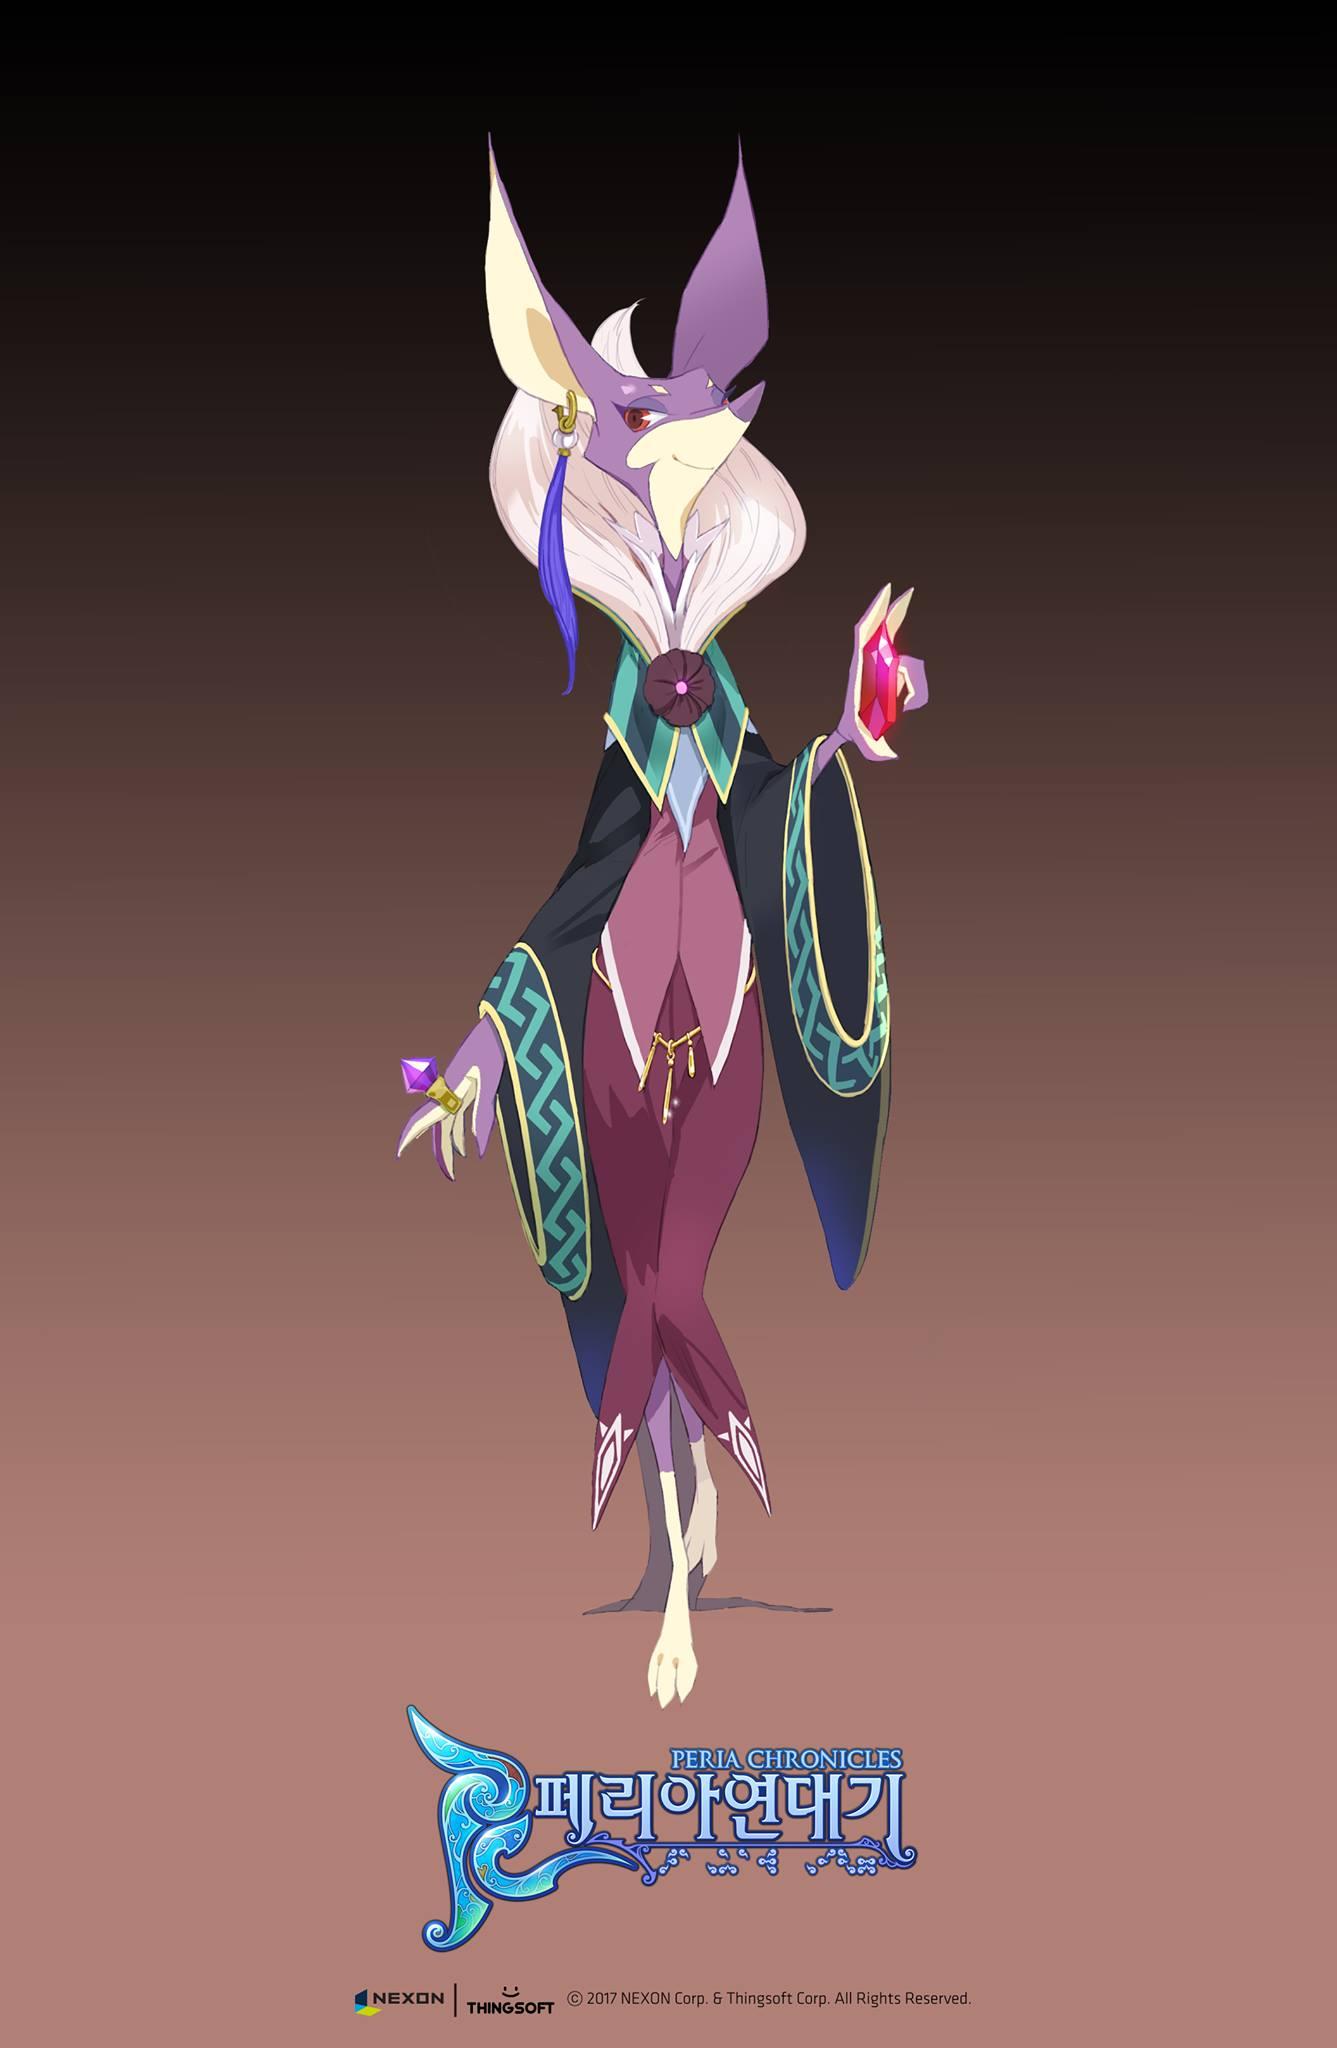 Peria Chronicles Kirana